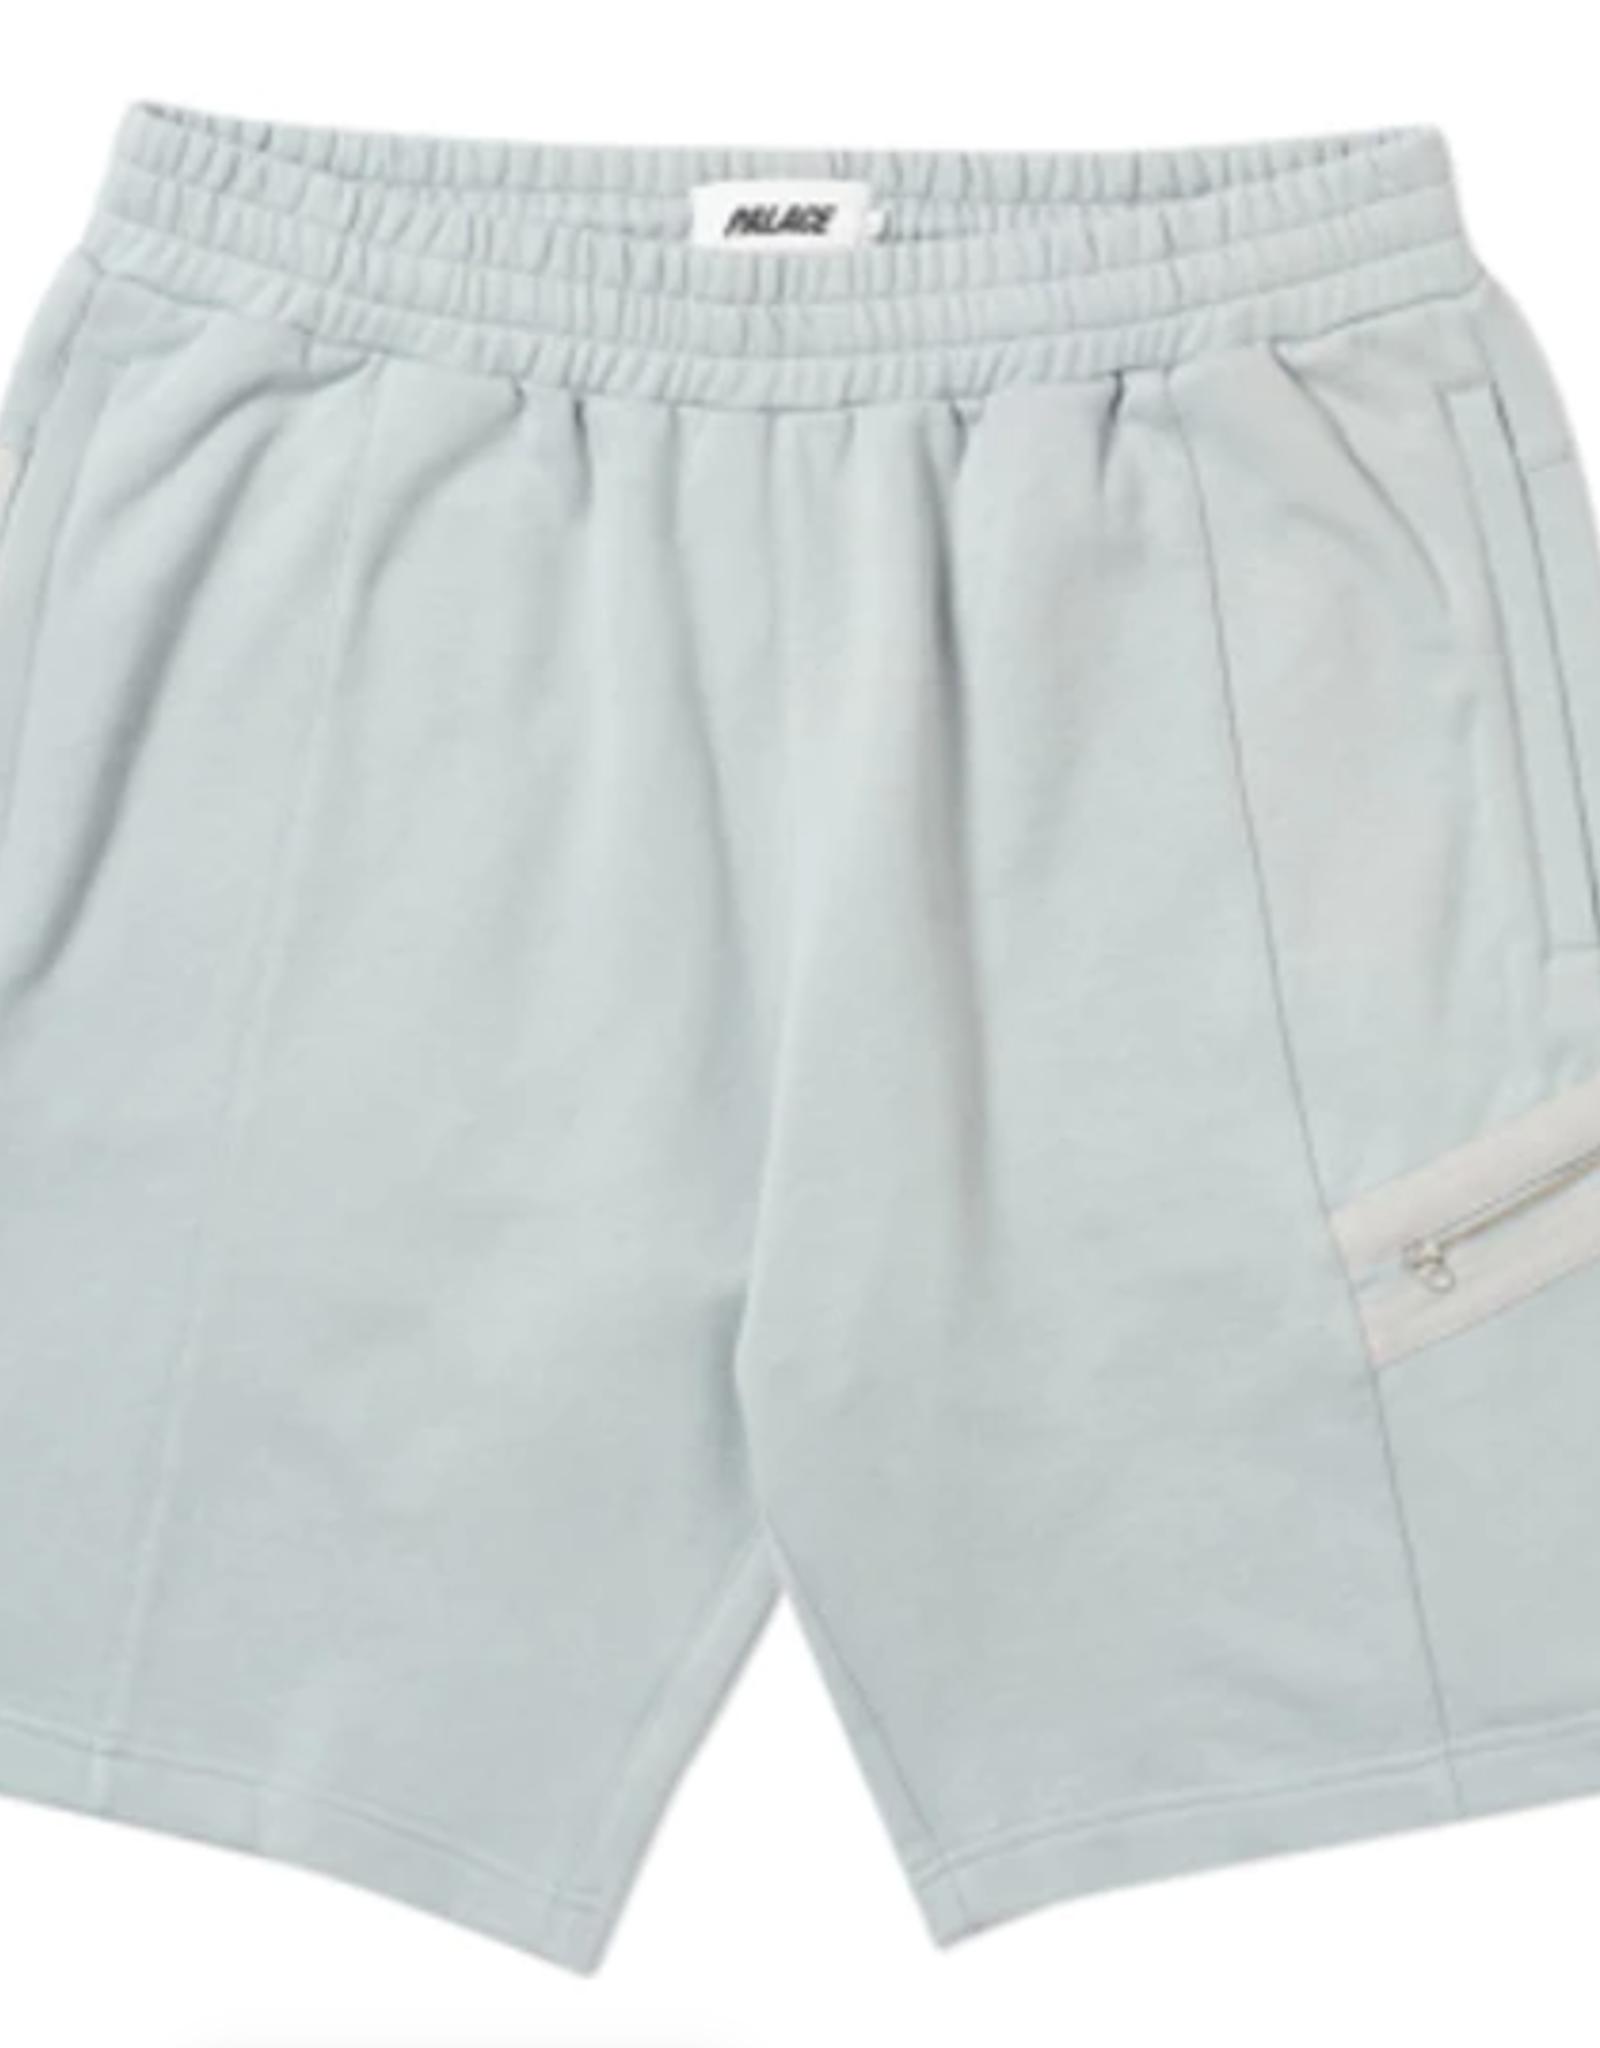 PALACE Webber Shorts Grey LG